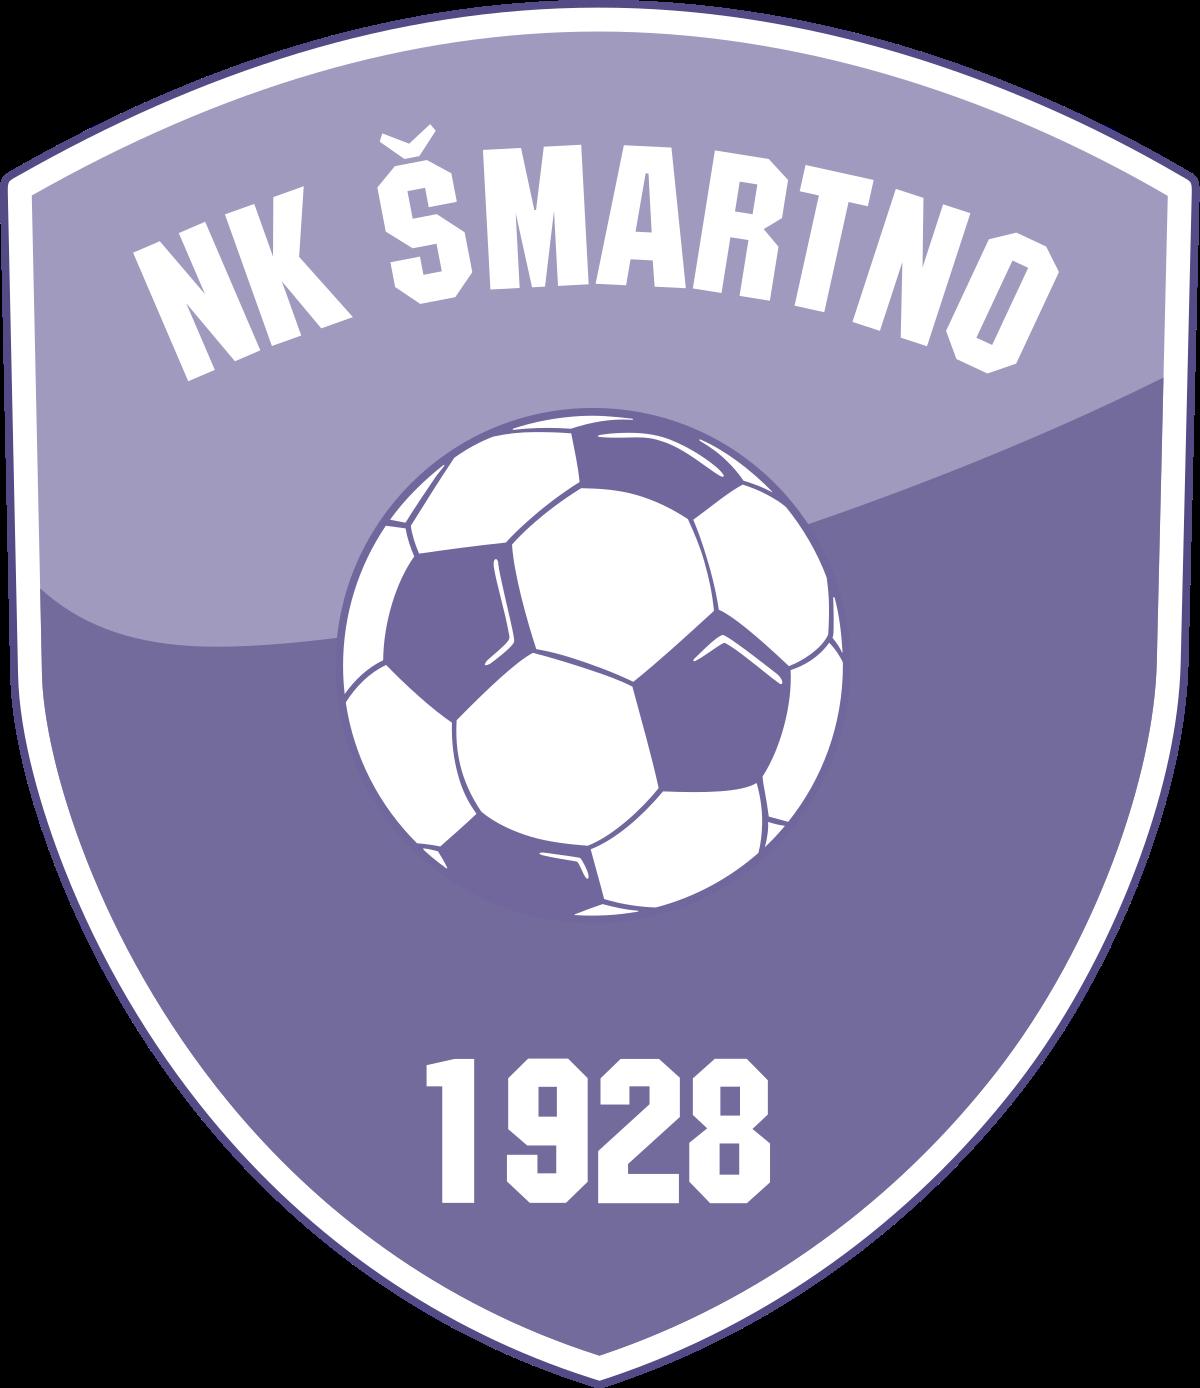 Smartno 1928 team logo